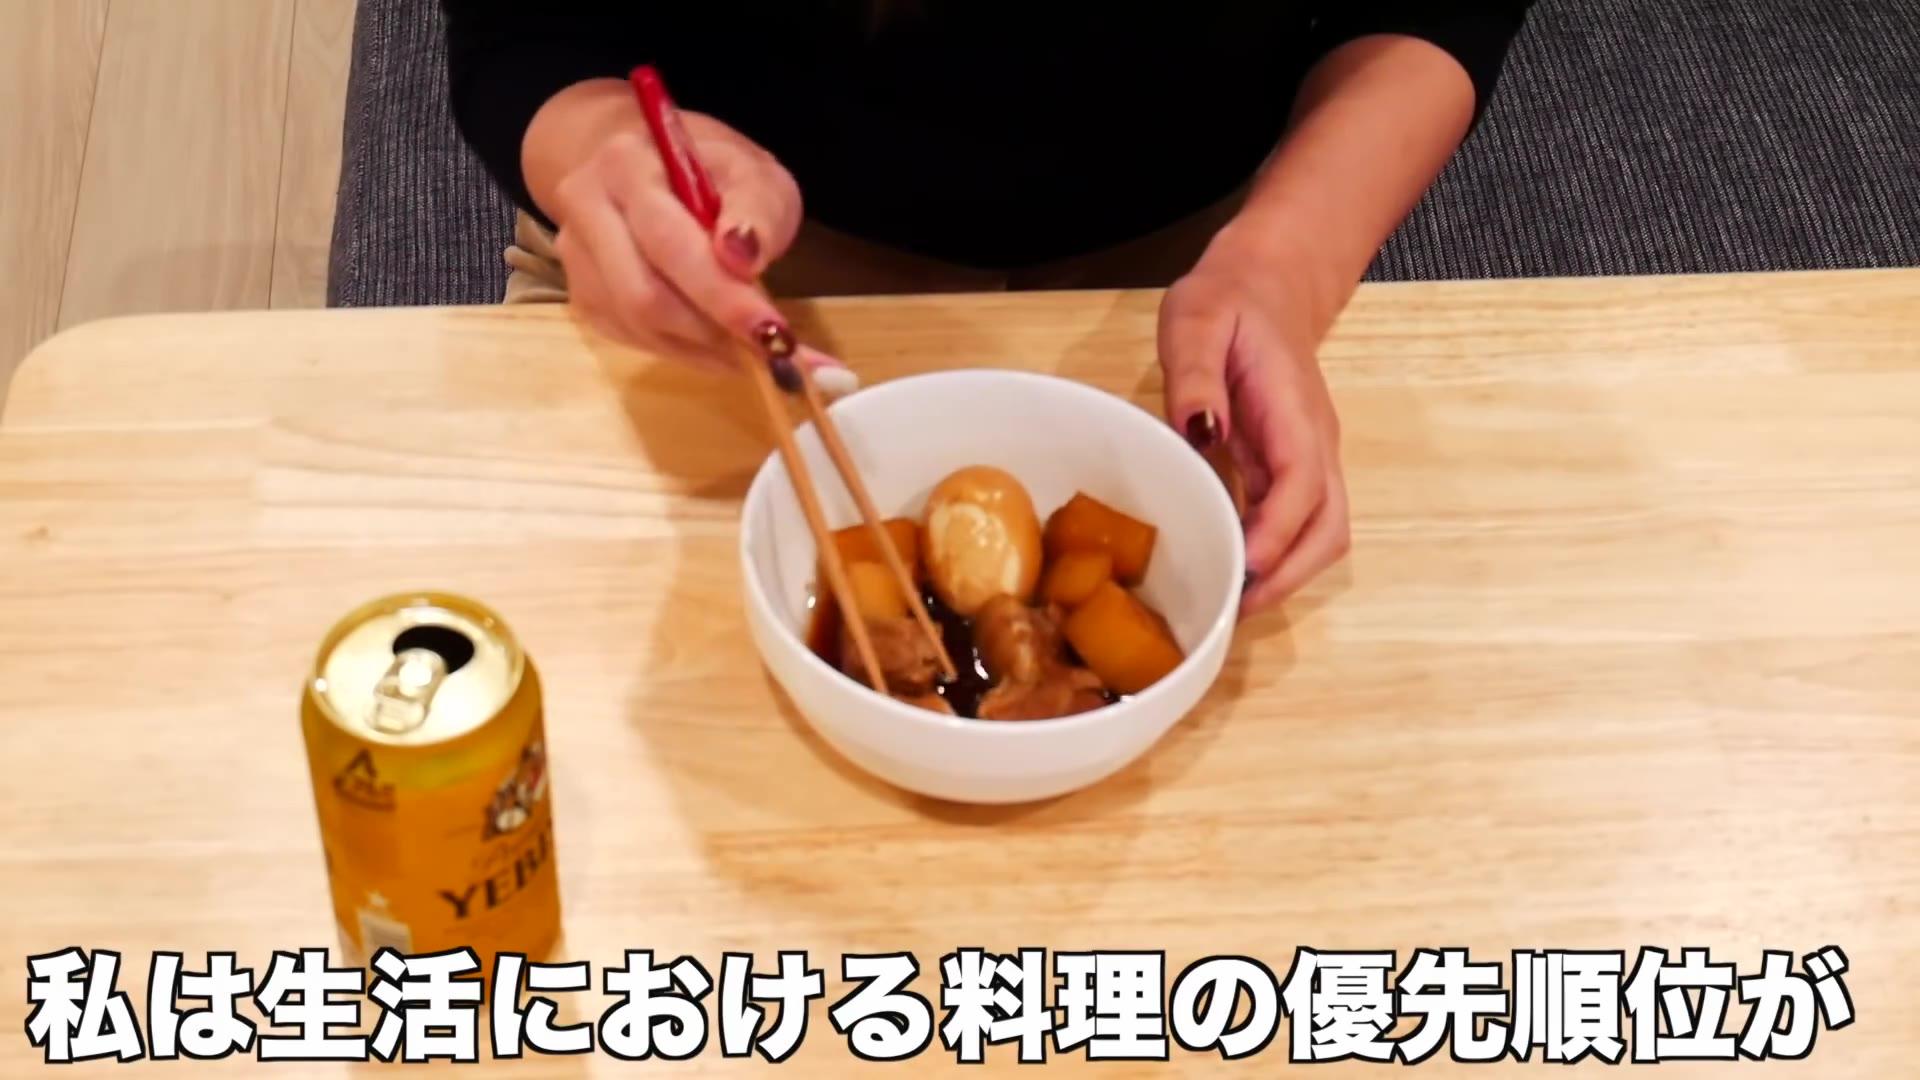 【夜间生活】工作后的OL自己做饭自己吃红烧肉